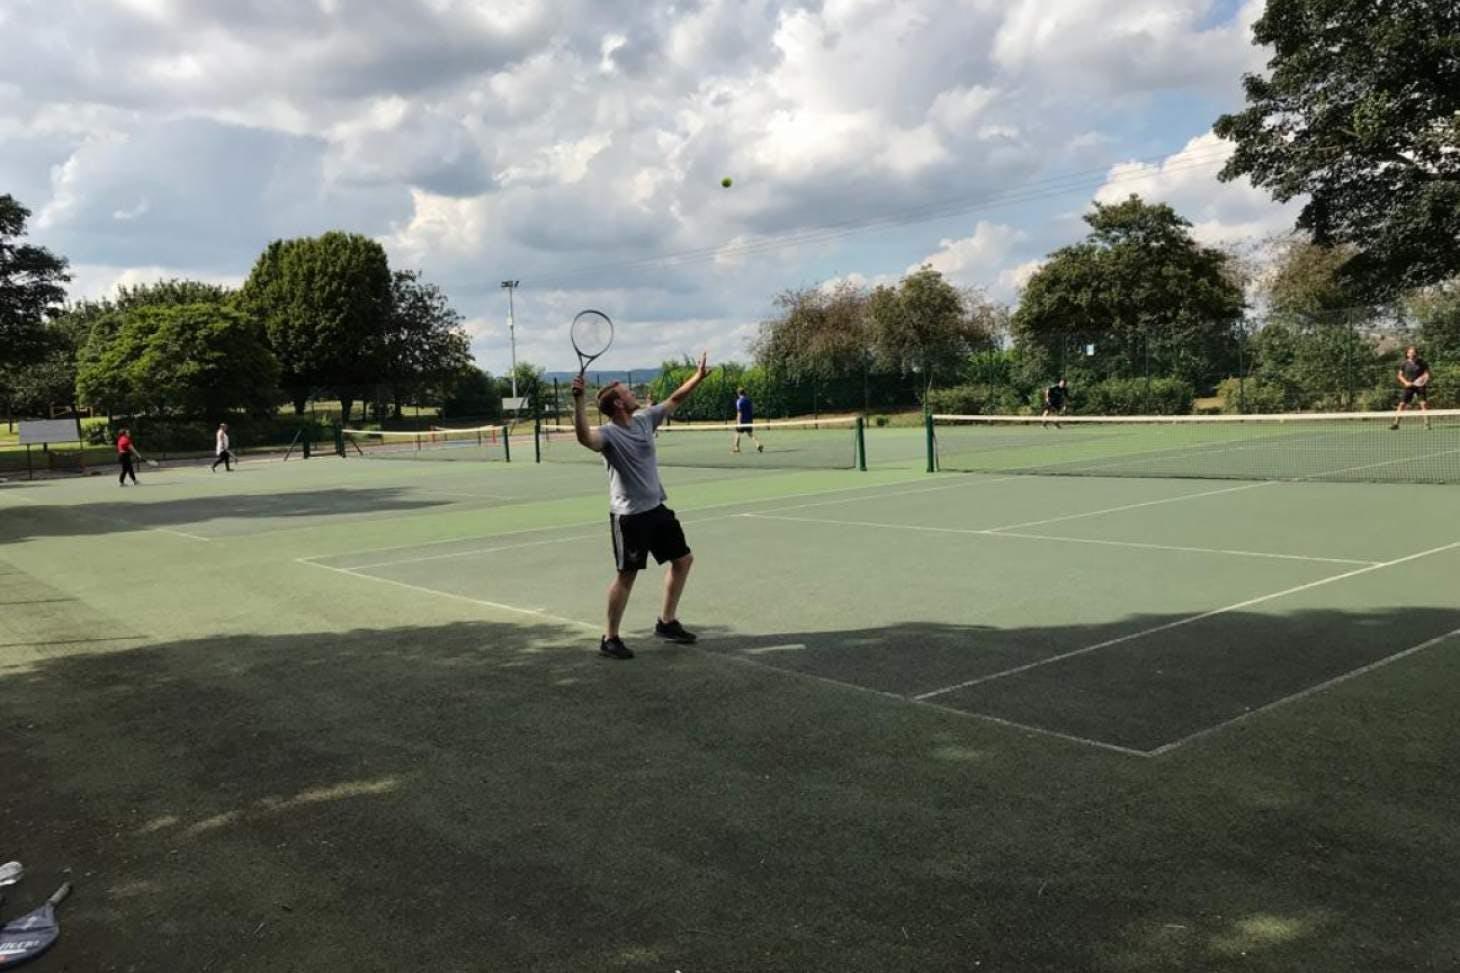 High Hazels Park Outdoor | Hard (macadam) tennis court